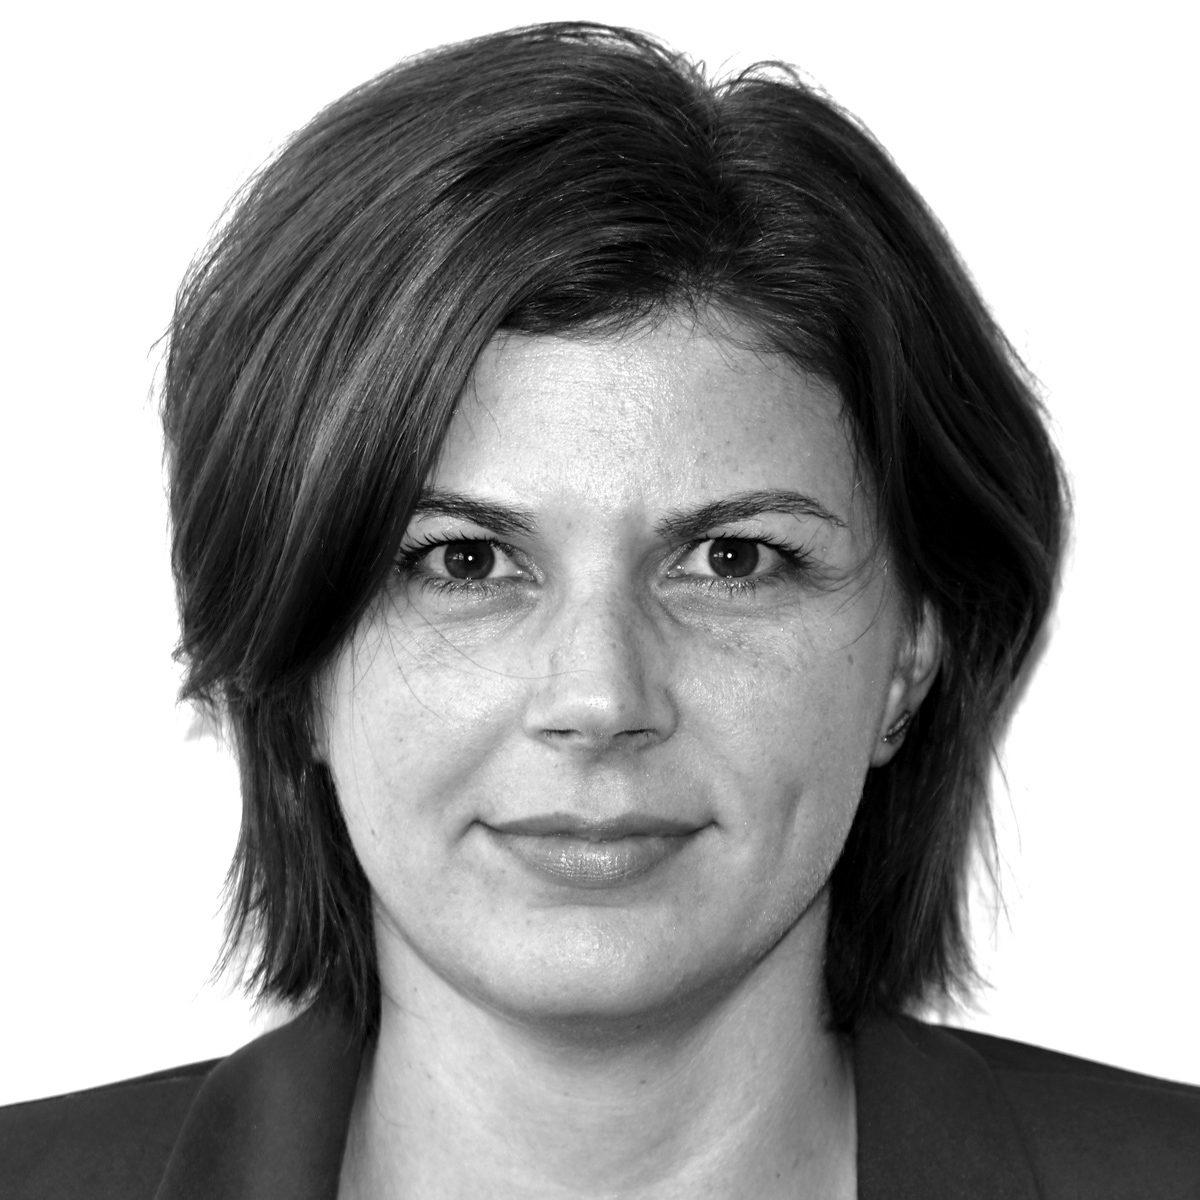 Lydia Pannekoek